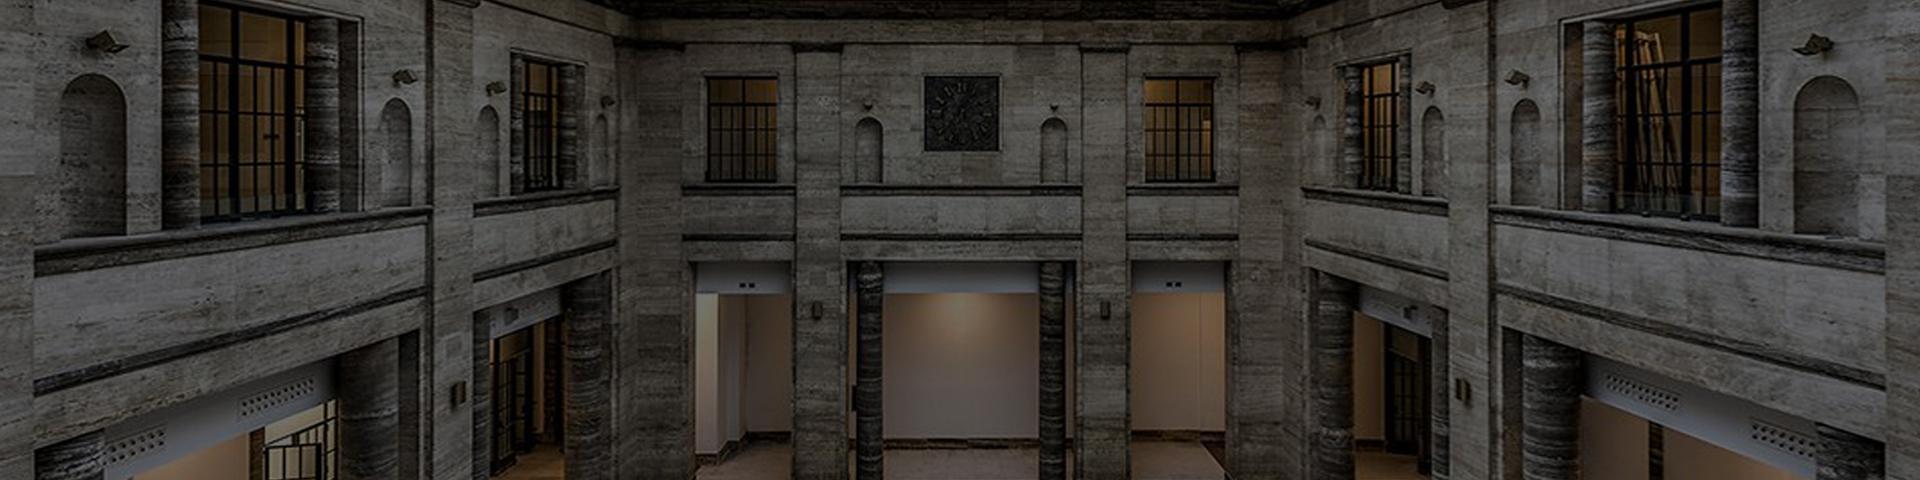 Il salone della Borsa Valori della Camera di Commercio di Firenze